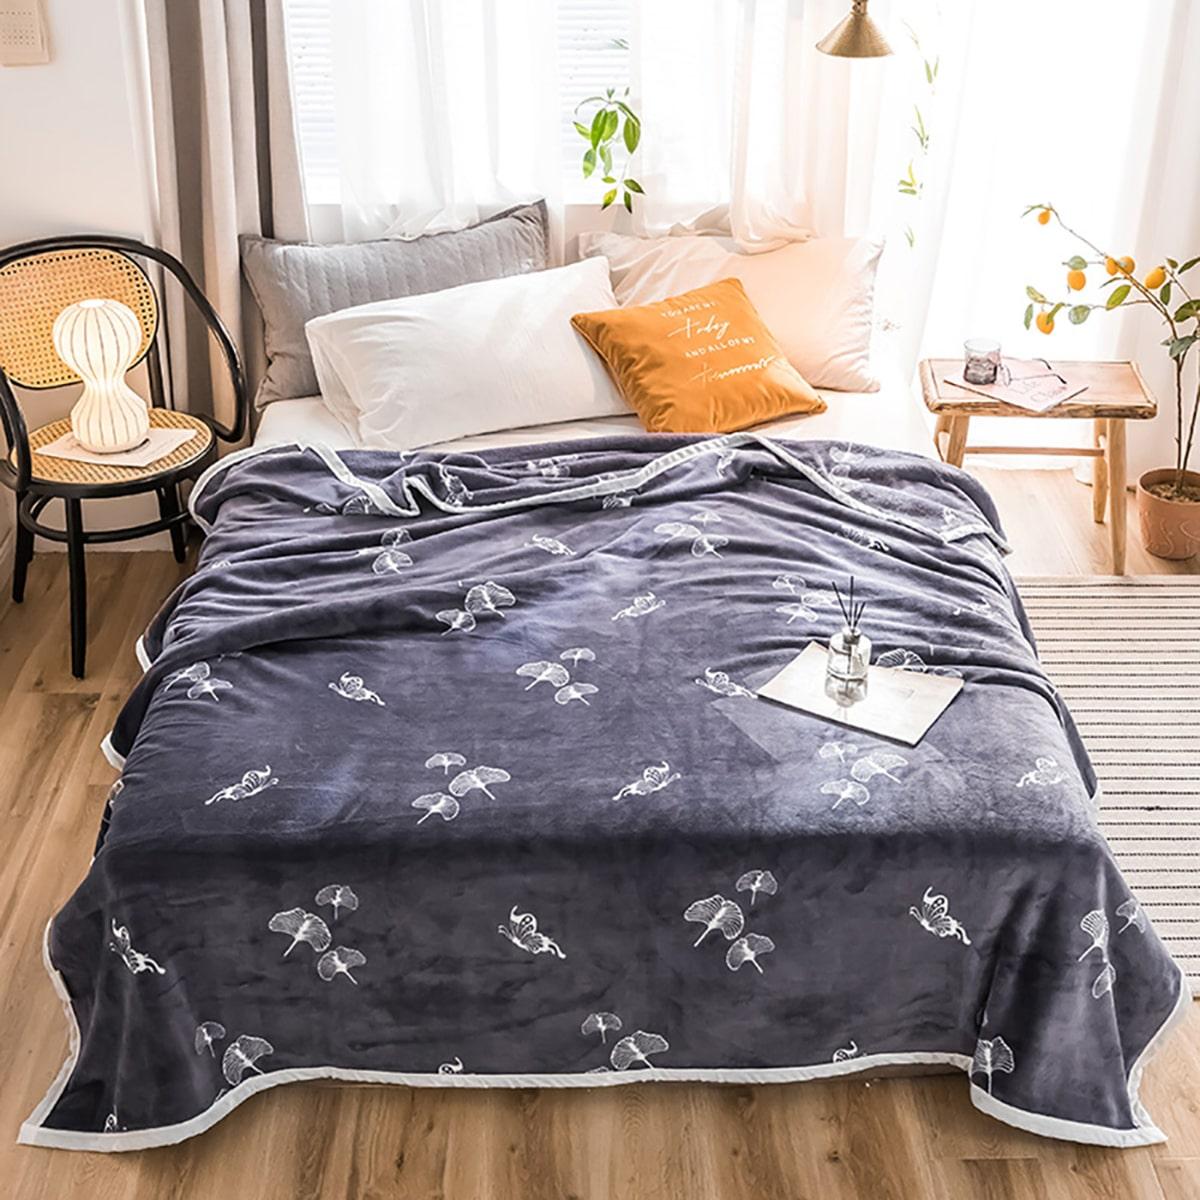 Flanellen deken met vlinderprint